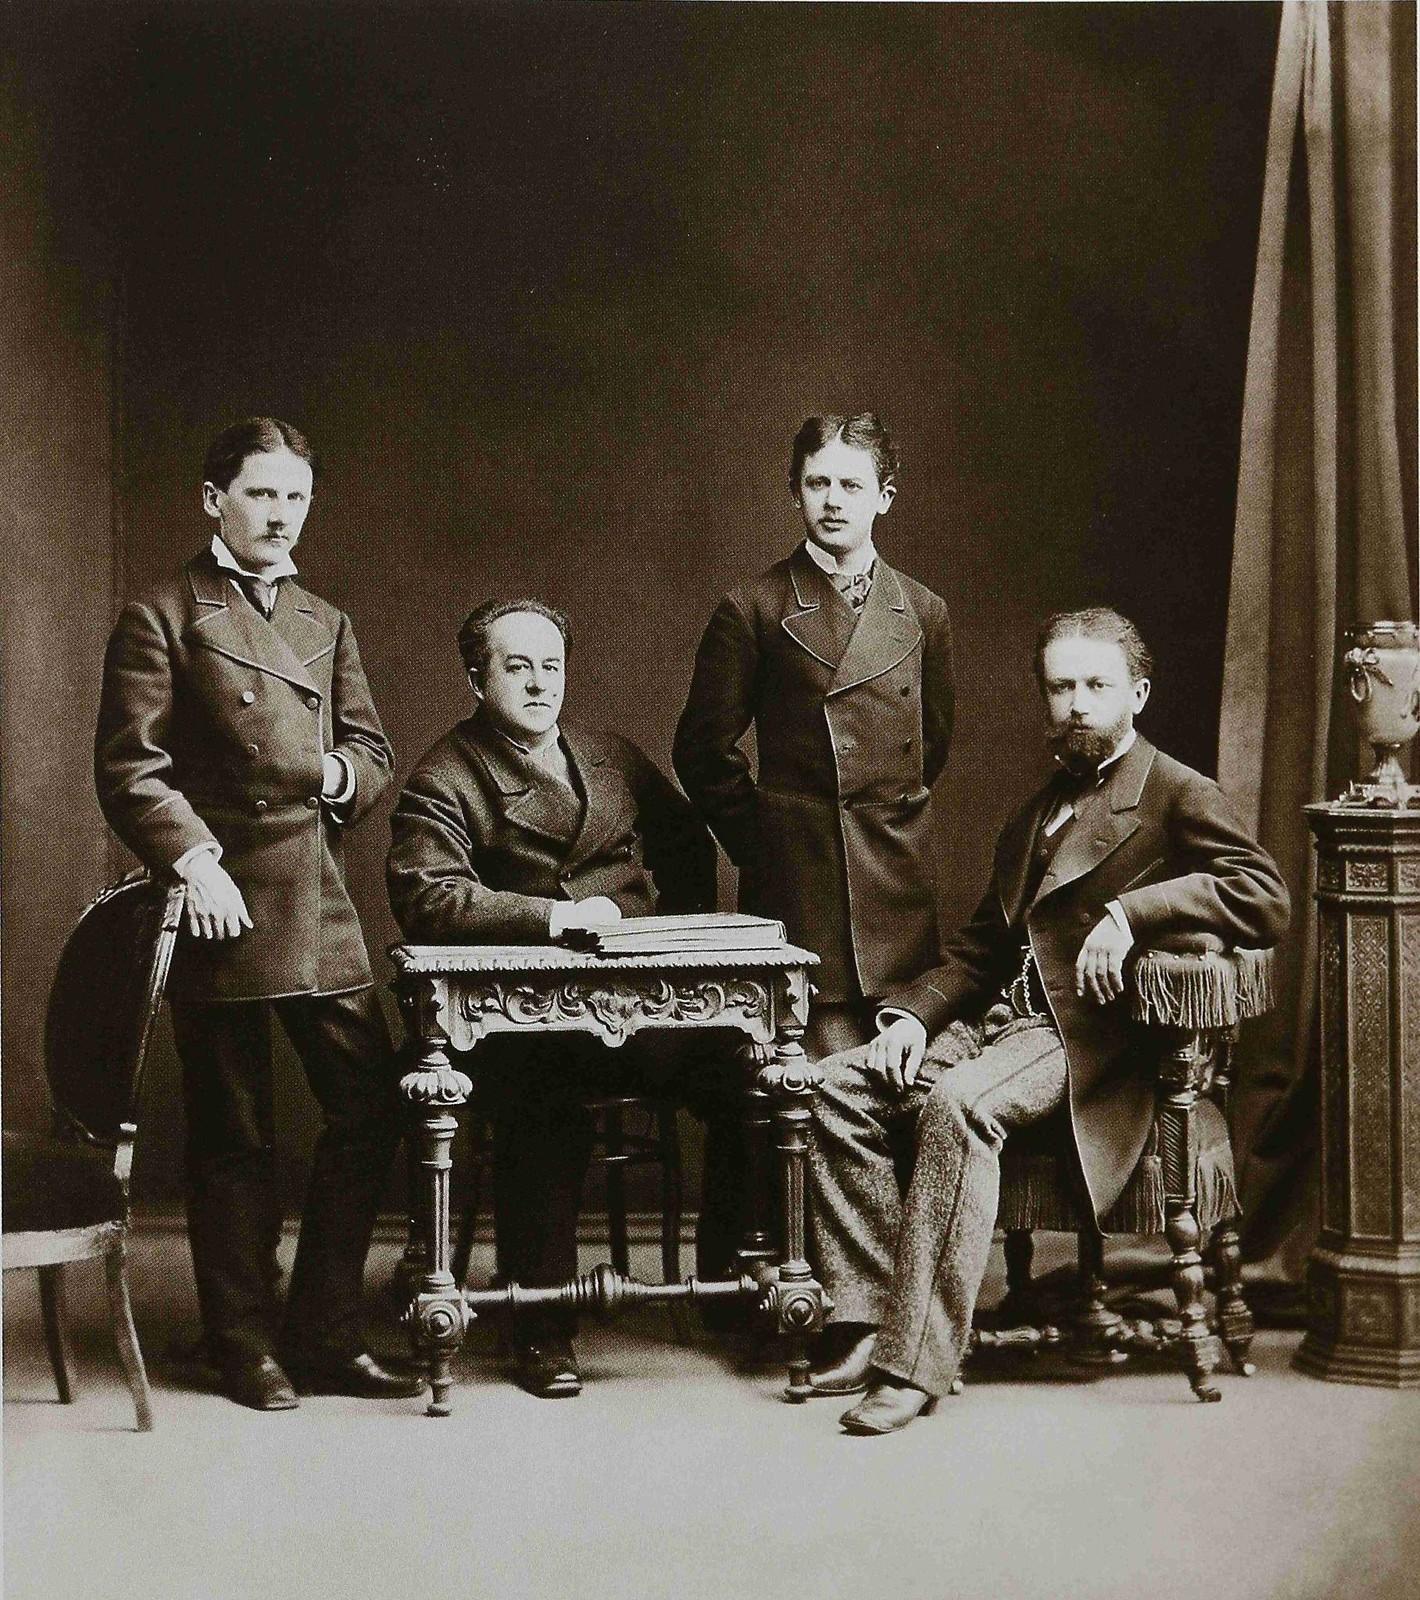 1875. Петр Ильич Чайковский (справа) с братьями Модестом и Анатолием и Н.Д. Кондратьевыми